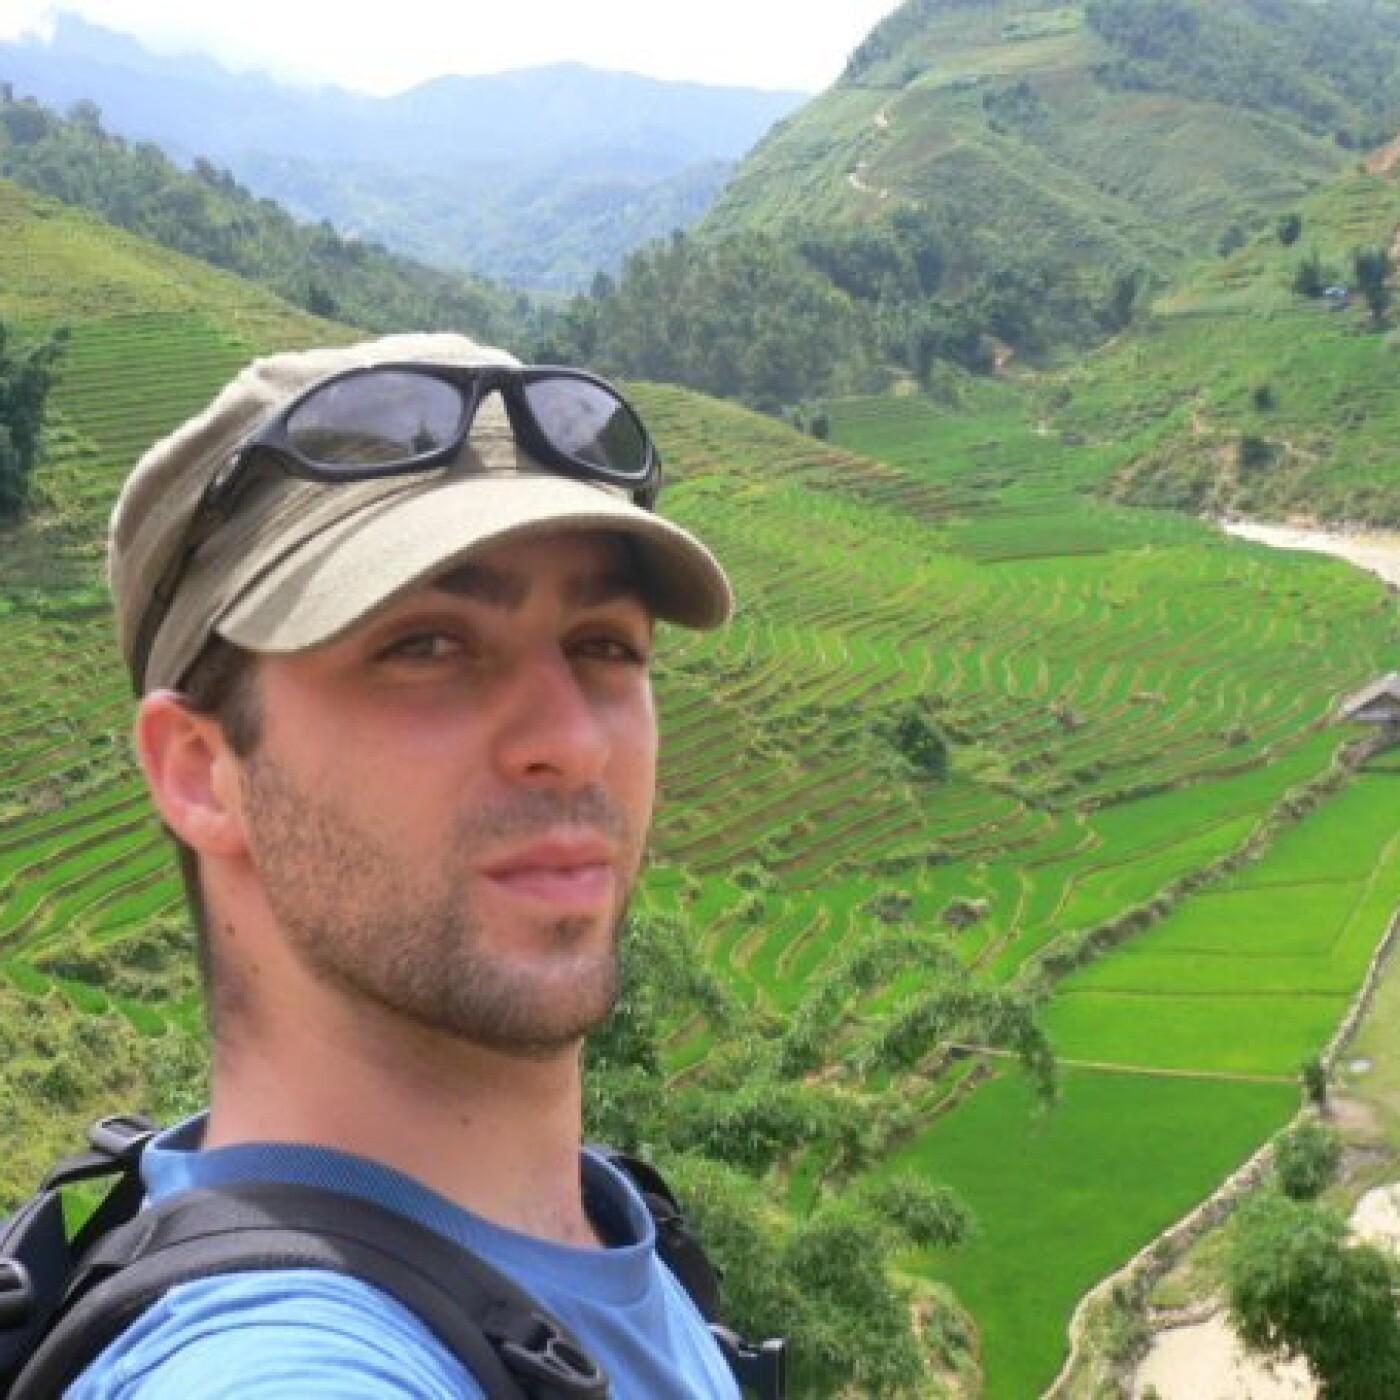 Baptiste a déja vécu 9 expatriations, il nous raconte - 01 04 2021 - StereoChic Radio